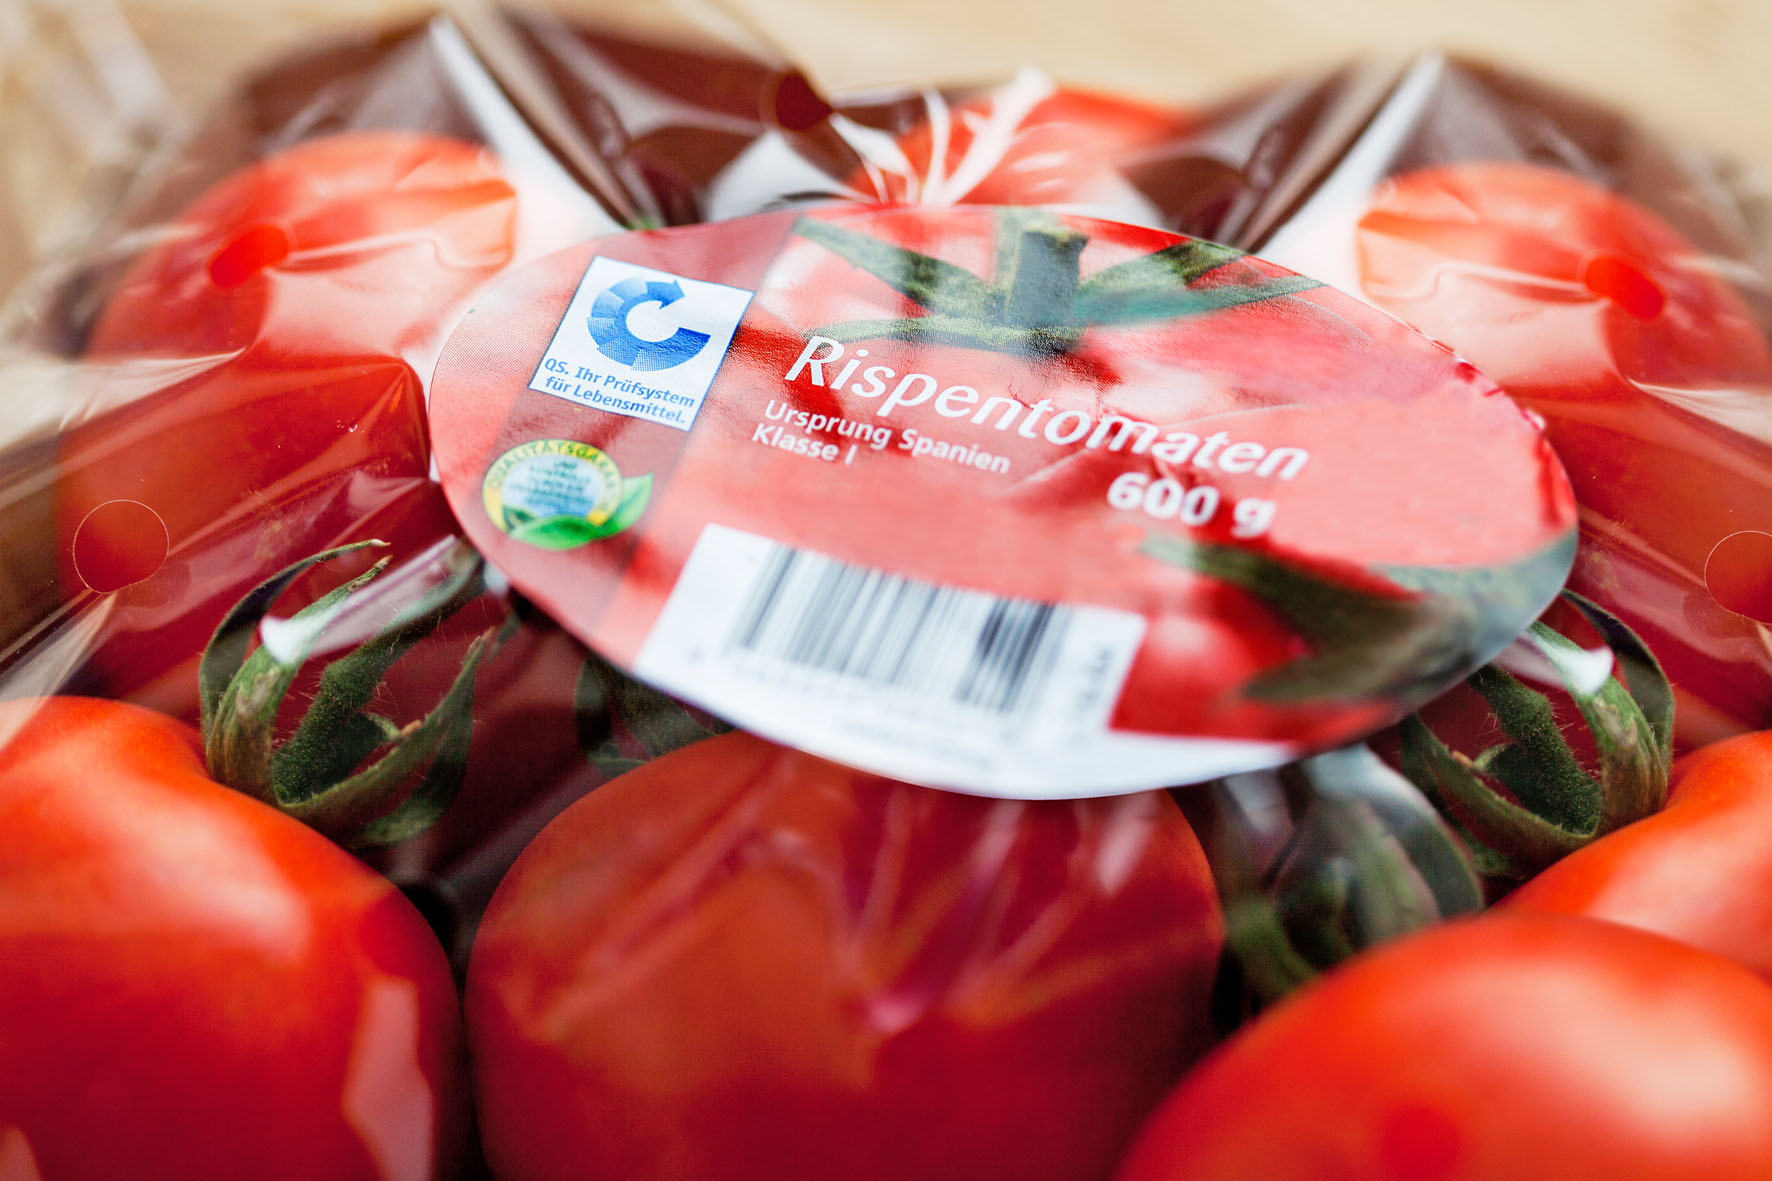 Das Etikett verrät unter anderem die handelsübliche Bezeichnung, das Gewicht und das Ursprungsland.